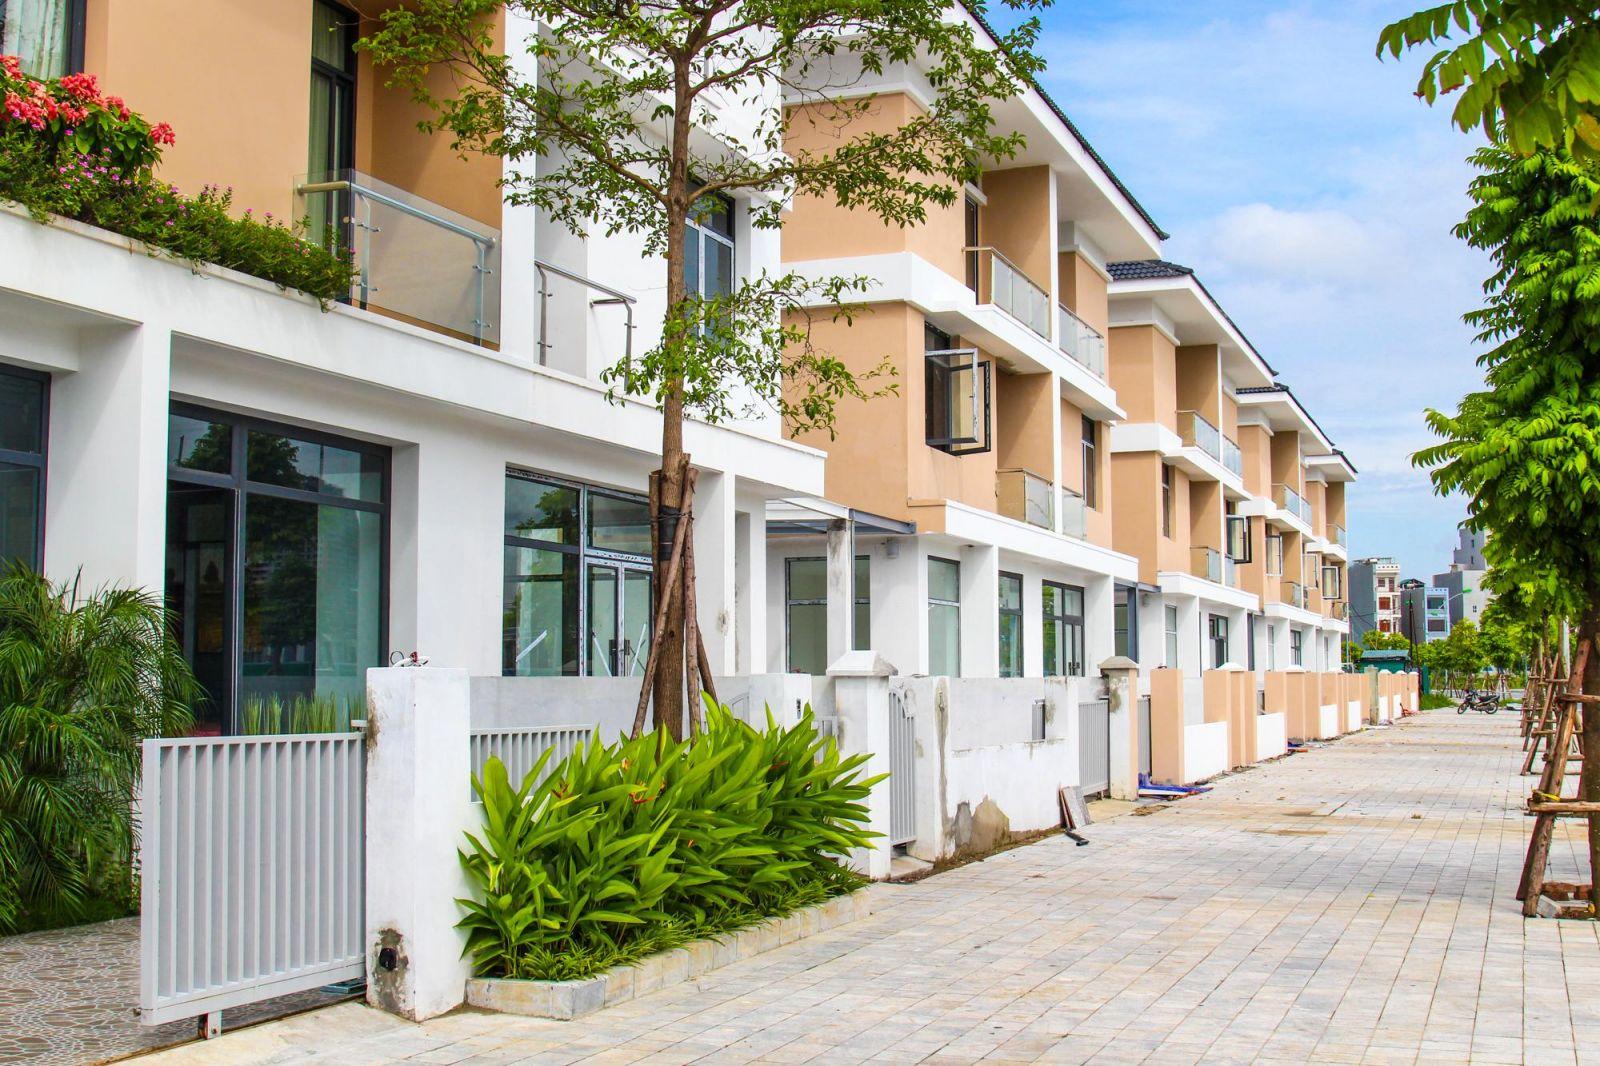 Nhiều biệt thự thương mại An Phú Shop-villa đang trong quá trình đi vào hoàn thiện.